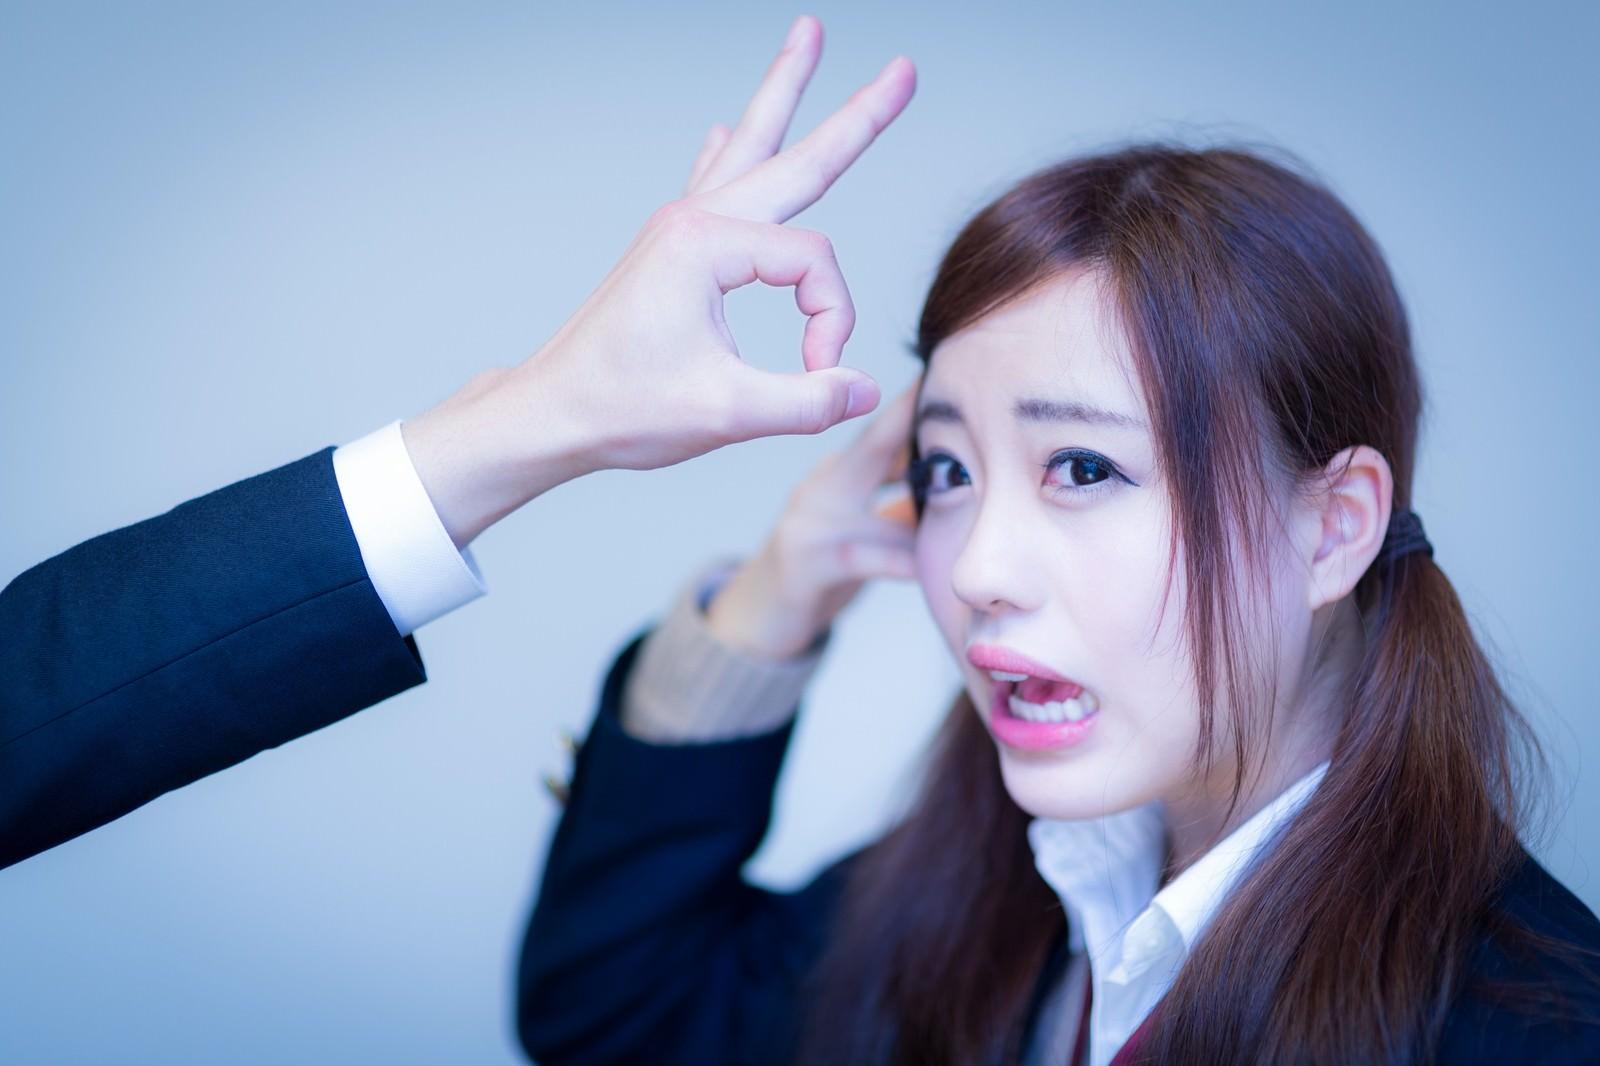 「罰ゲームでデコピンされる女子高生」の写真[モデル:河村友歌]